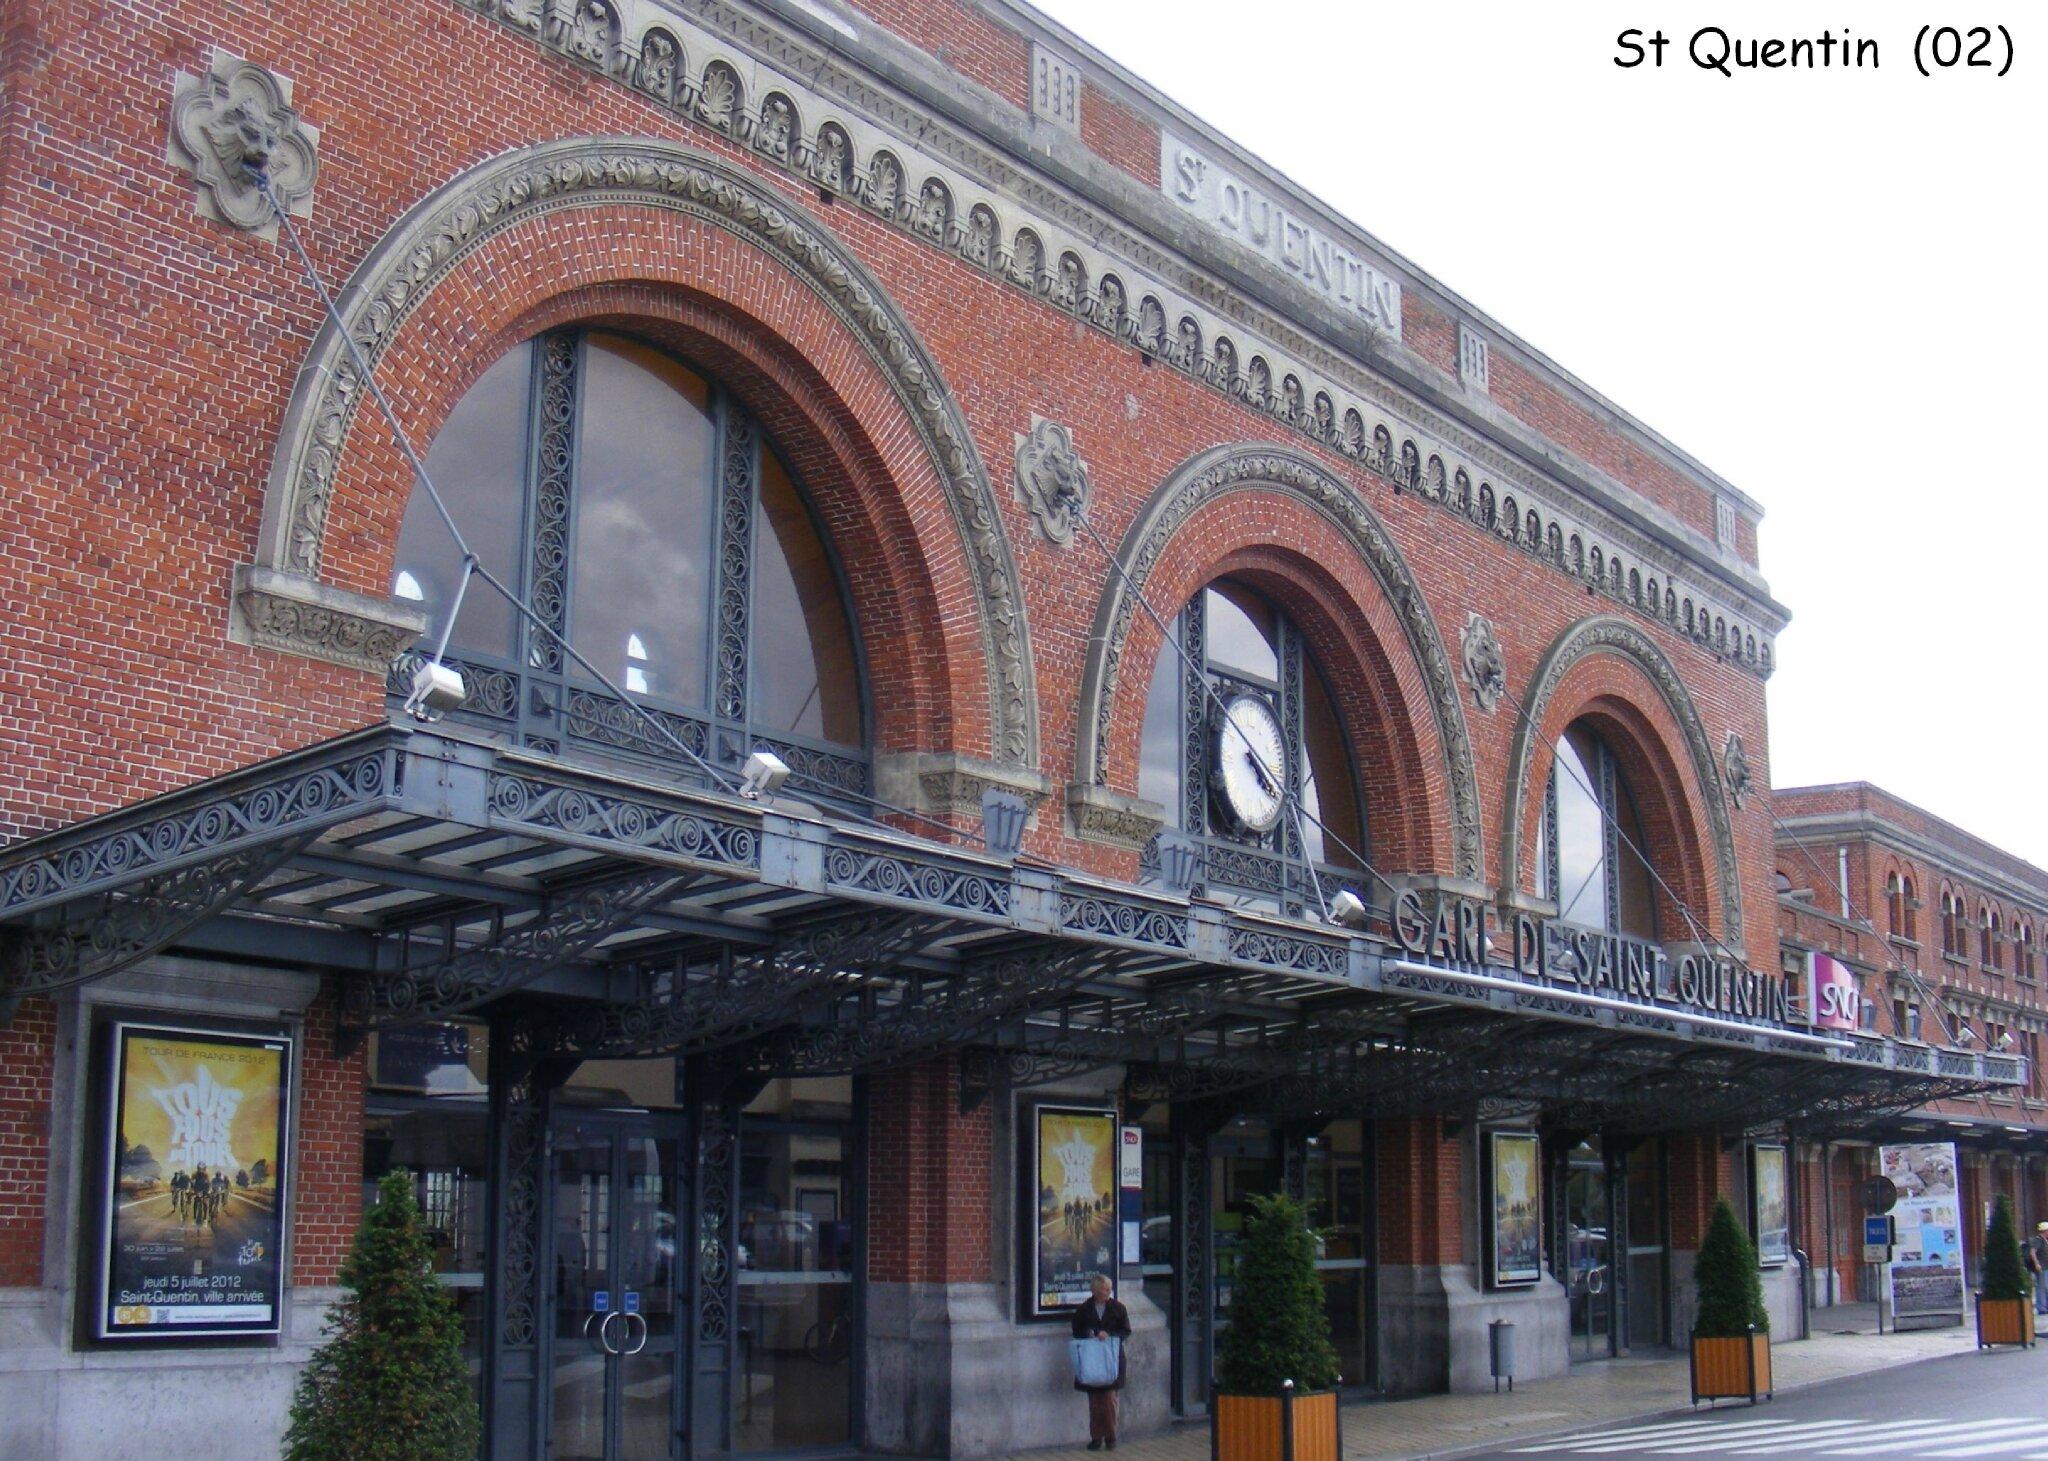 la gare de saint quentin 02 les gares de france et leurs infrastructures ferroviaires. Black Bedroom Furniture Sets. Home Design Ideas